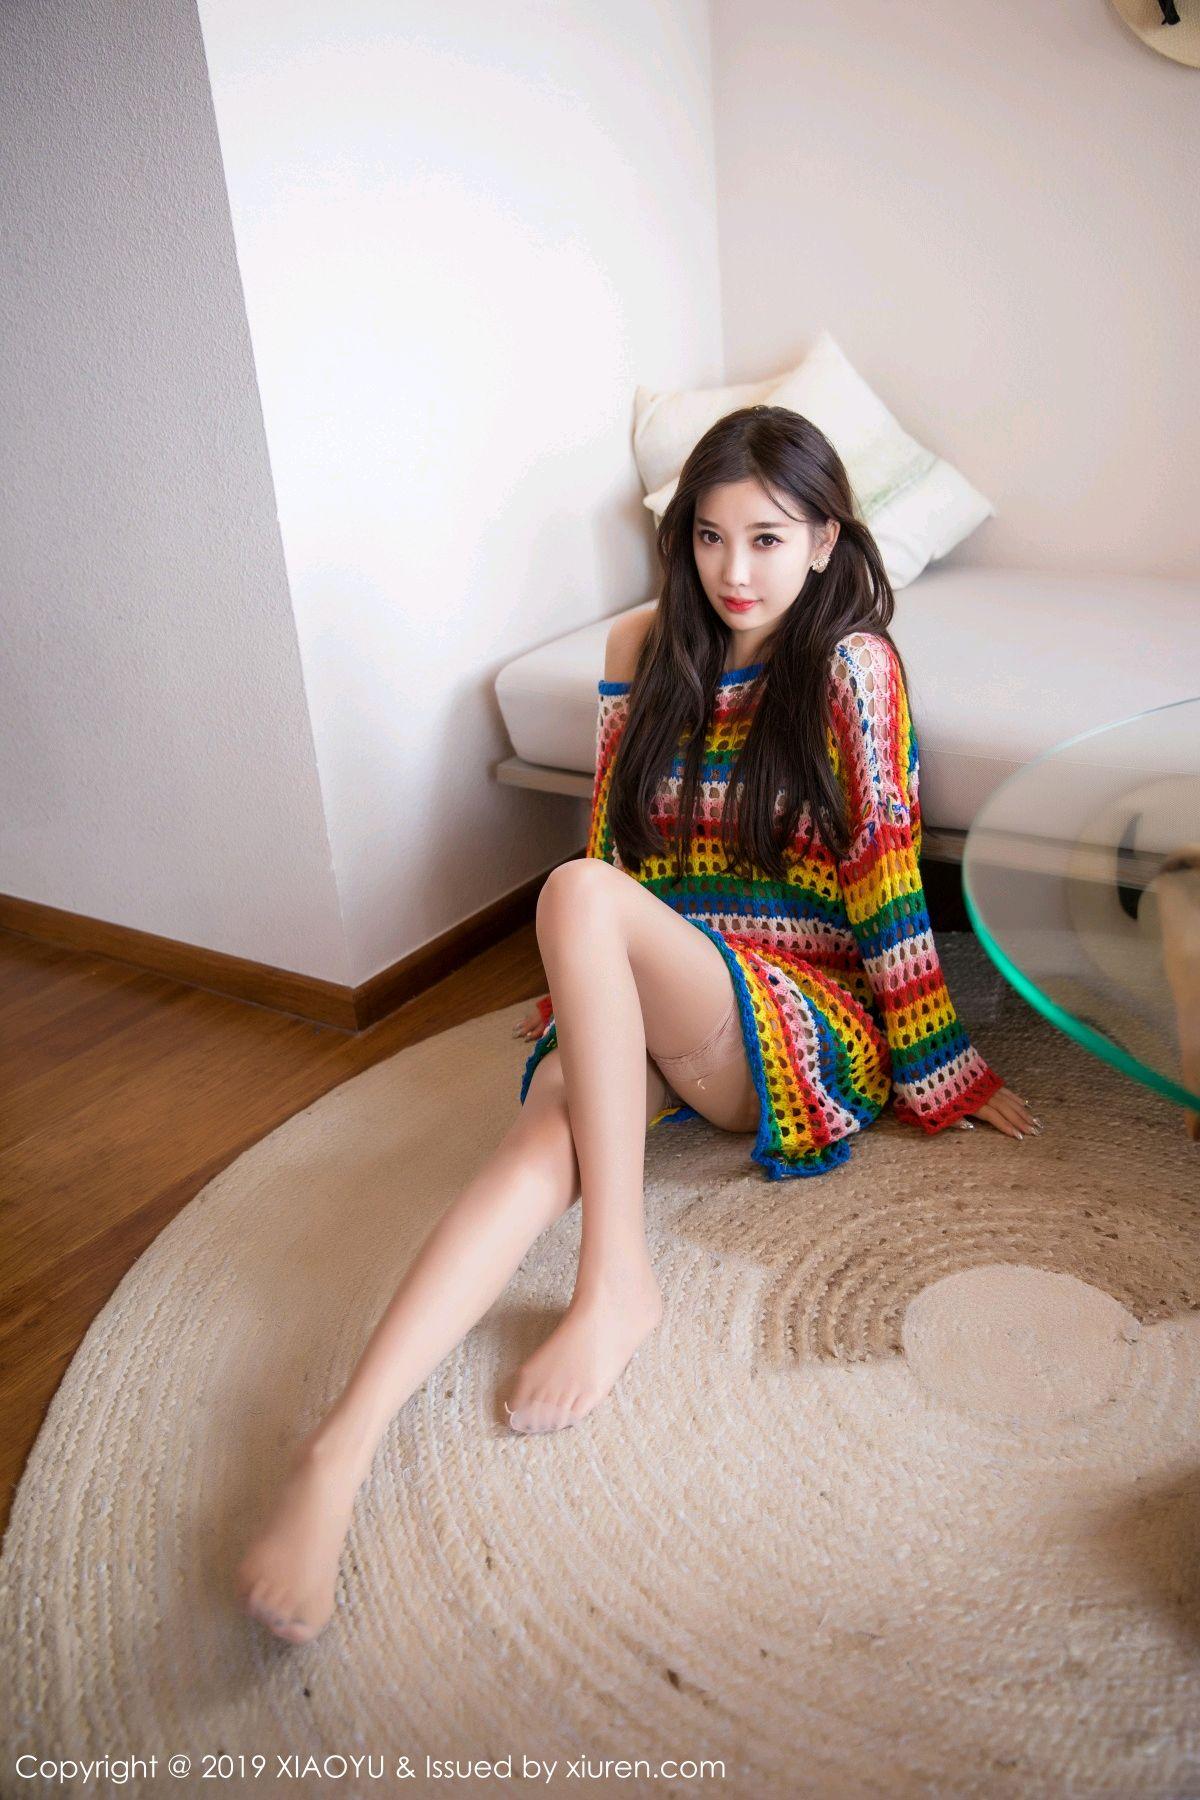 [XiaoYu] Vol.067 Yang Chen Chen 8P, Beach, Underwear, XiaoYu, Yang Chen Chen